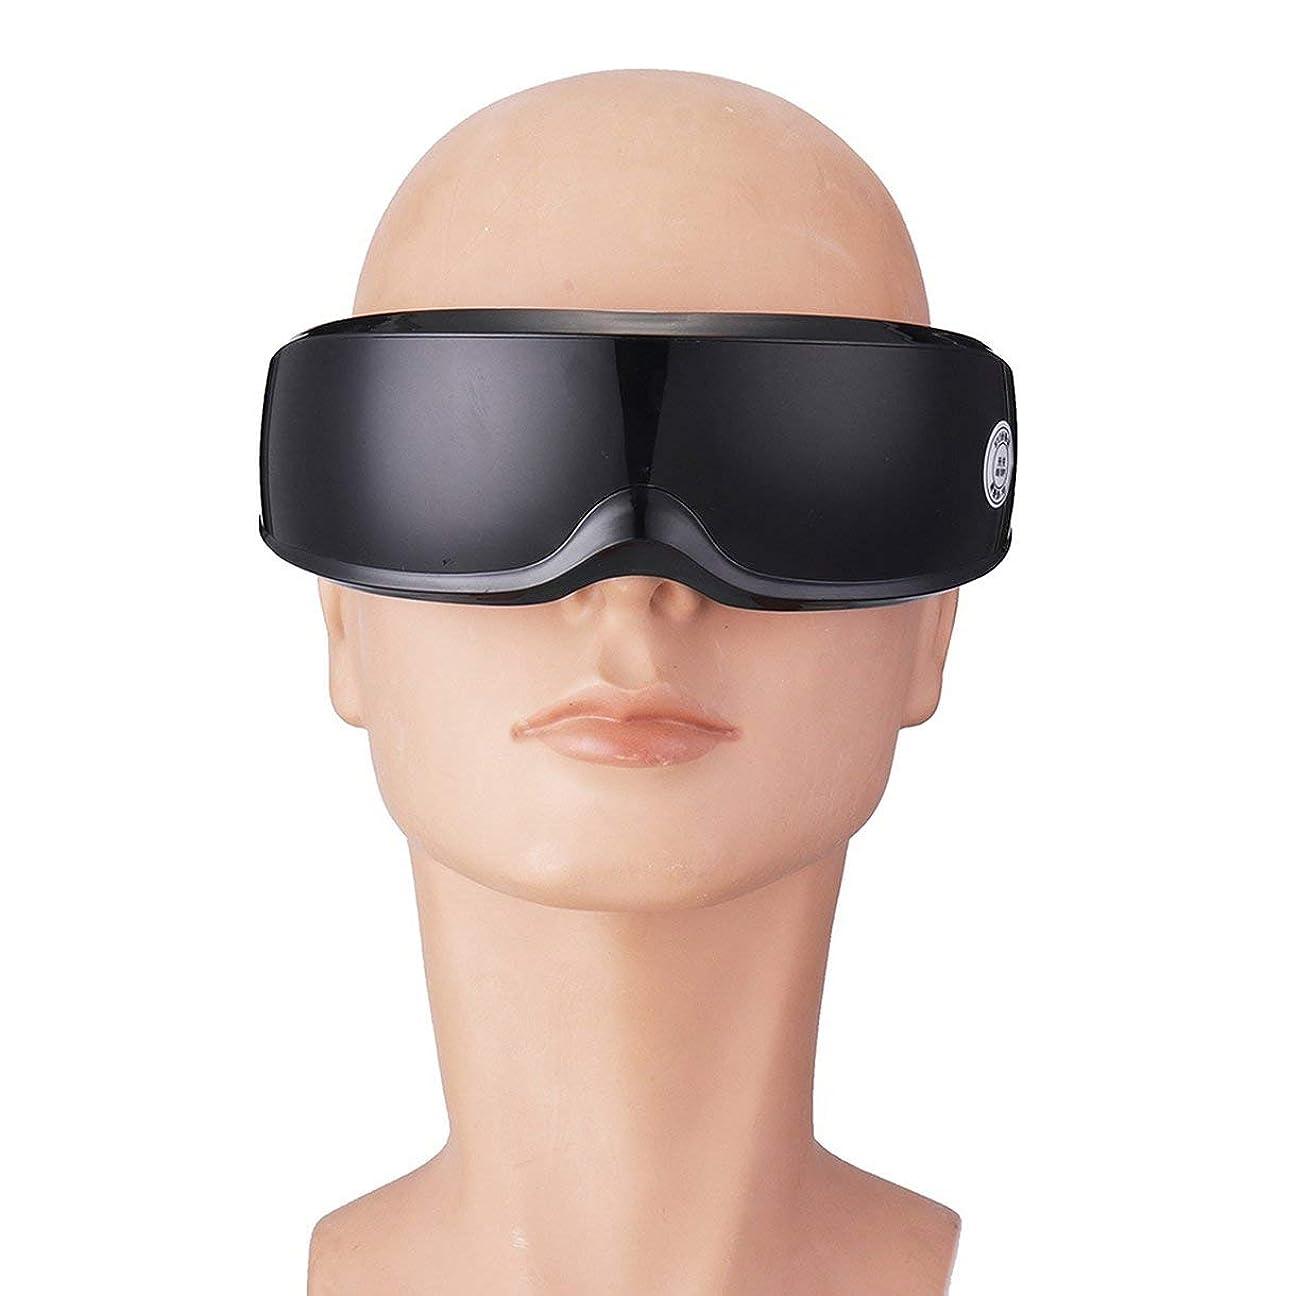 フォージランドリー継承USB Charging Electric Eye Massager Heating Care Vibration Massage Stress Relief Relaxation Eyesight Recovery Eye SPA Device